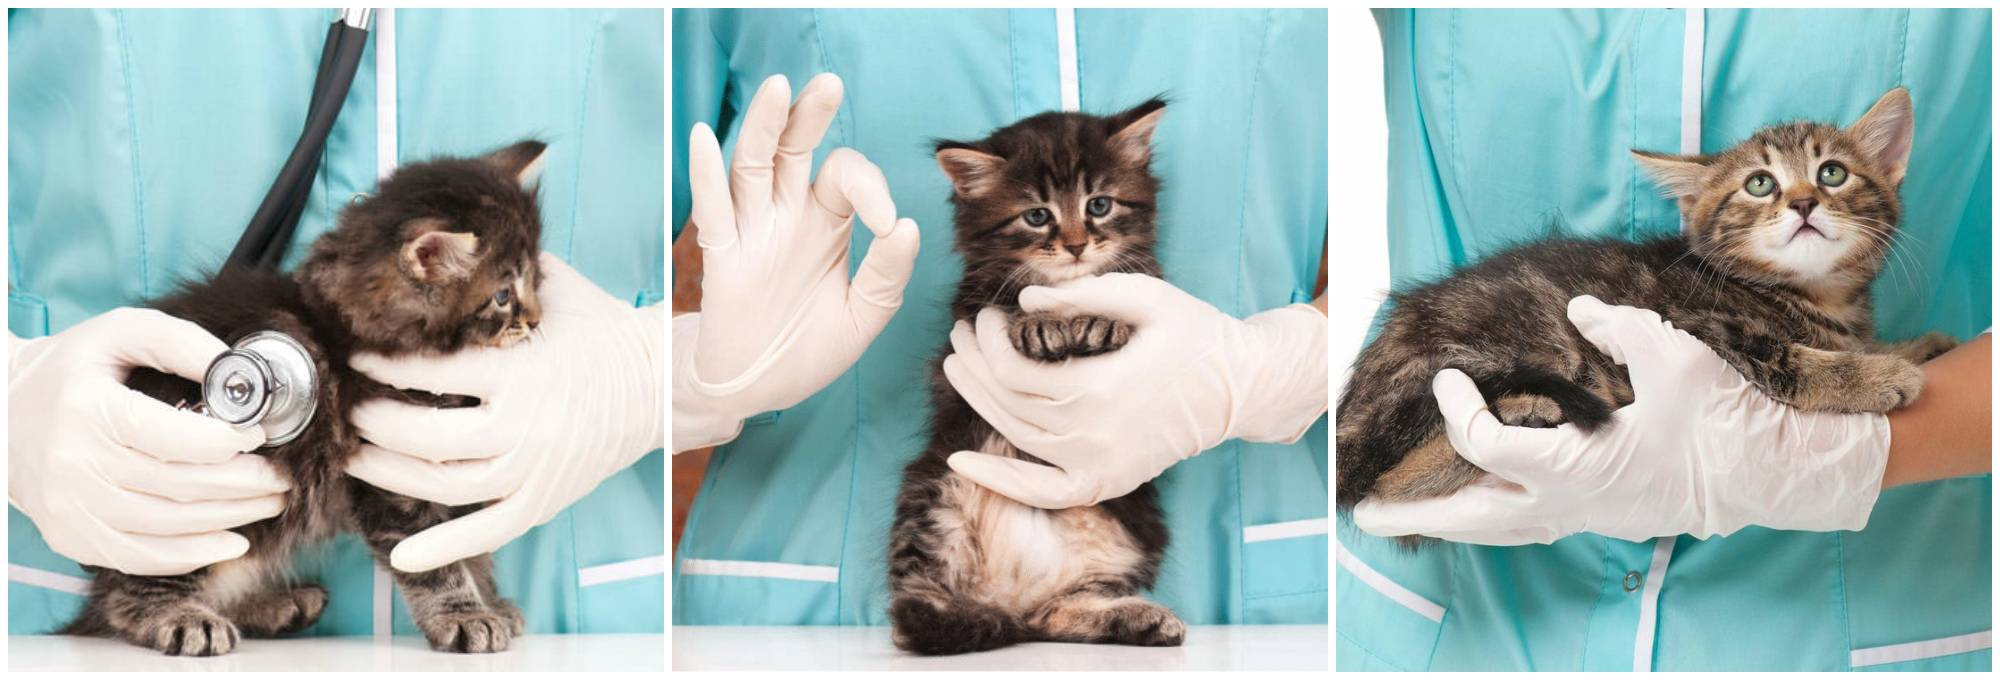 Аллергия у кошек: симптомы и лечение, причины и виды | zoosecrets